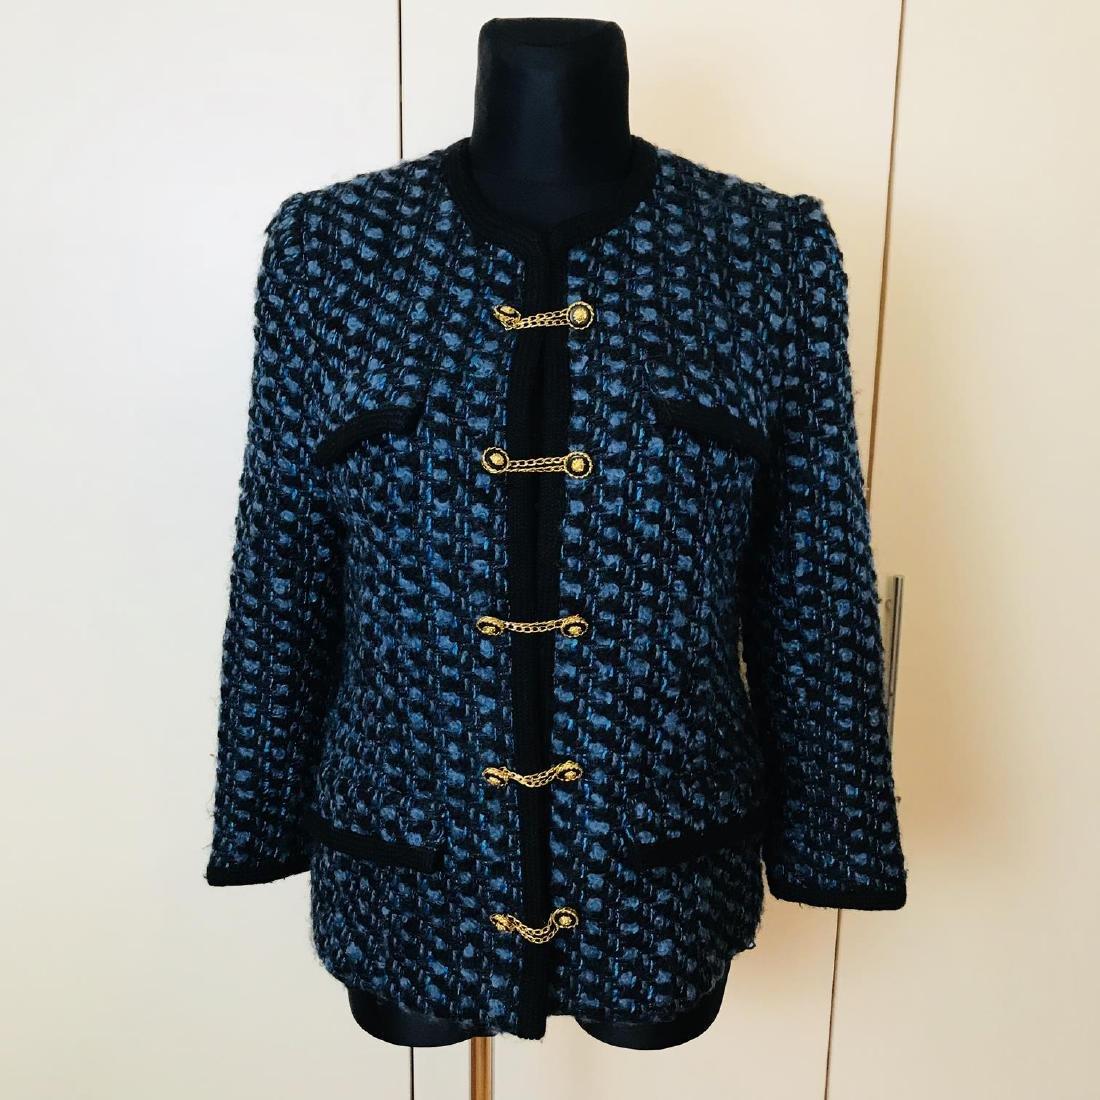 Vintage Women's Designer Jacket Blazer Size EUR 46 US